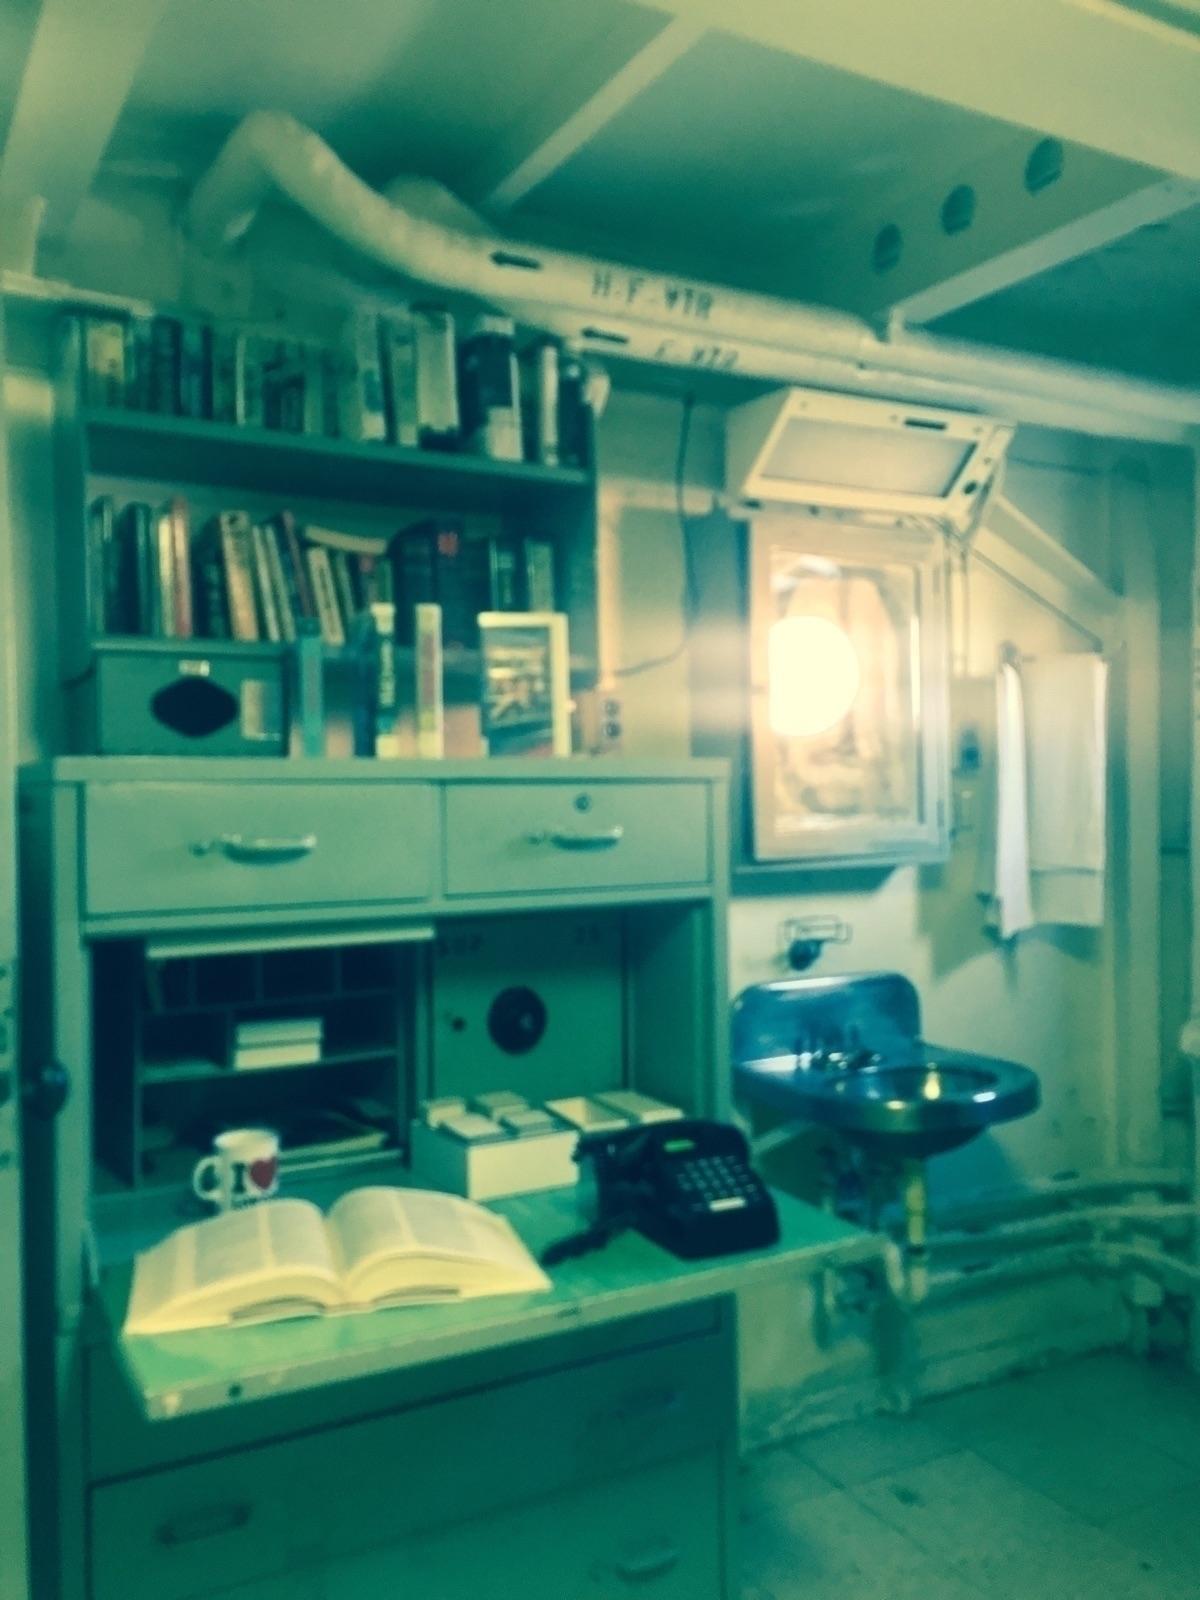 luxurious sleeping quarters abo - nikkifontaine   ello